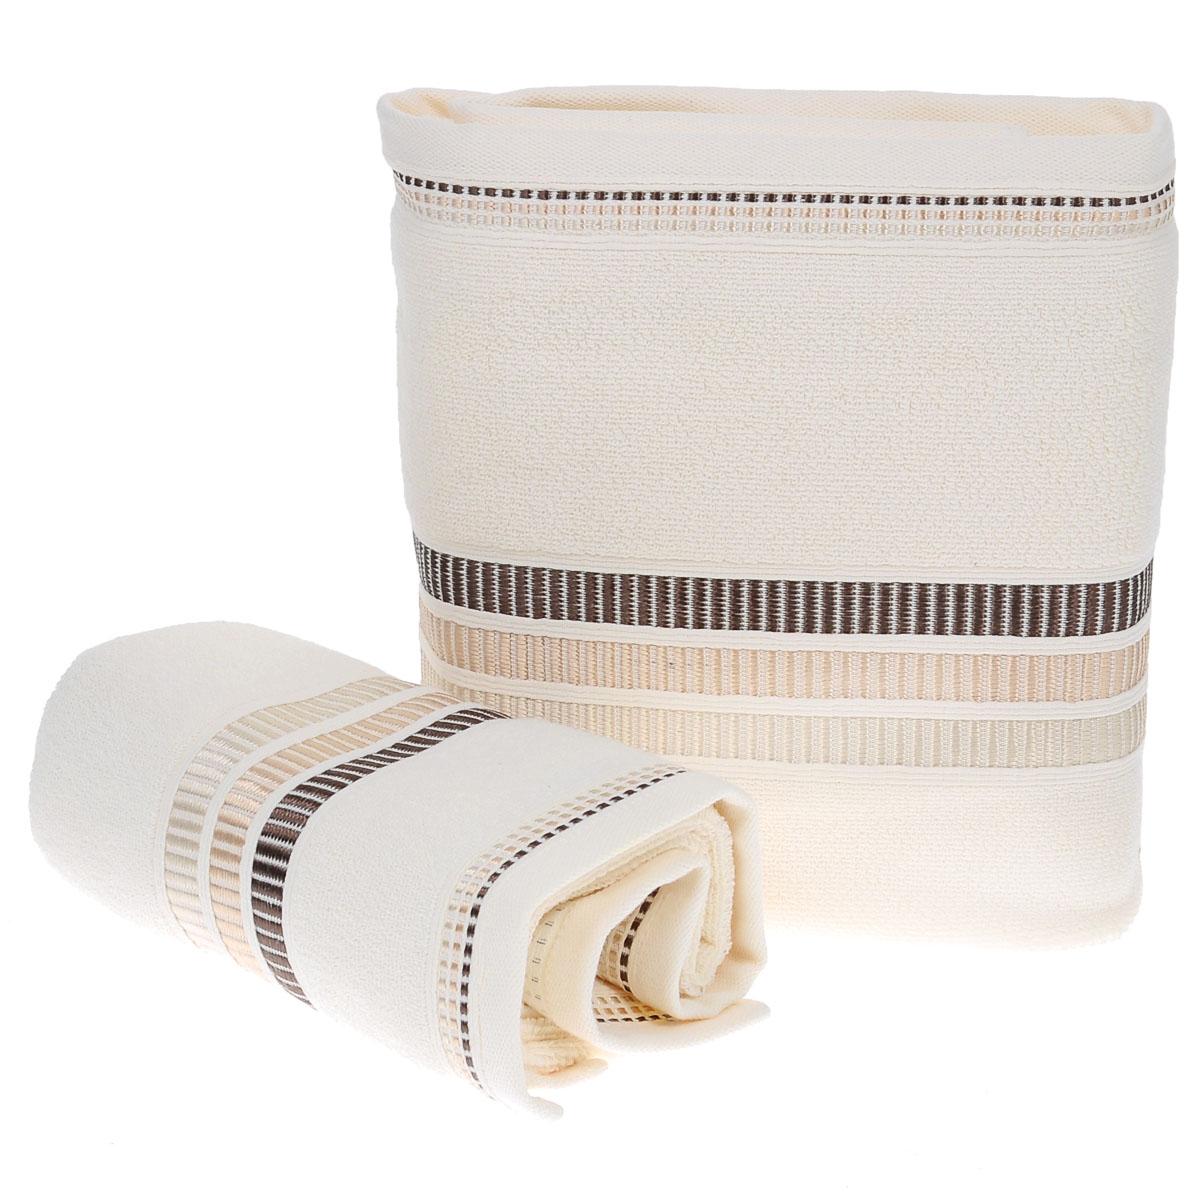 Набор махровых полотенец Coronet Пиано, цвет: молочный, 2 шт. Б-МП-2020-15-08-рБ-МП-2020-15-08-рПодарочный набор Coronet Пиано состоит из двух полотенец разного размера, выполненных из натуральной махровой ткани. Полотенца украшены изящным декоративным тиснением. Мягкие и уютные, они прекрасно впитывают влагу и легко стираются. Такой набор подарит вам мягкость и необыкновенный комфорт в использовании. Благодаря высокому качеству изготовления, полотенце будет радовать многие годы. Полотенца упакованы в подарочную коробку и станут приятным и полезным подарком вашим друзьям и близким. Комплектация: 2 шт. Плотность полотенец 550 г/м.